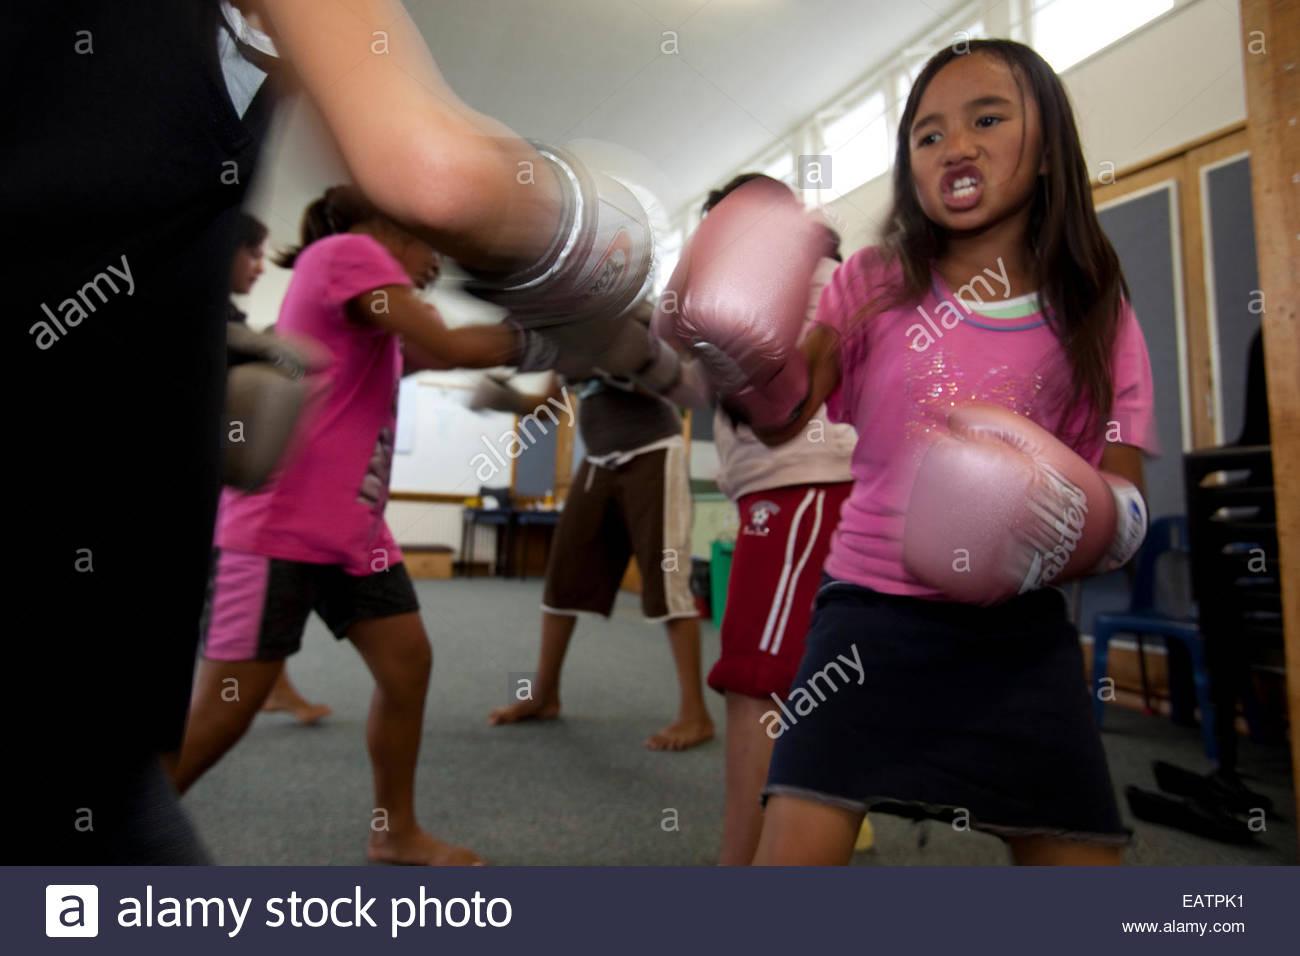 Una chica joven maorí, prácticas de boxeo. Imagen De Stock